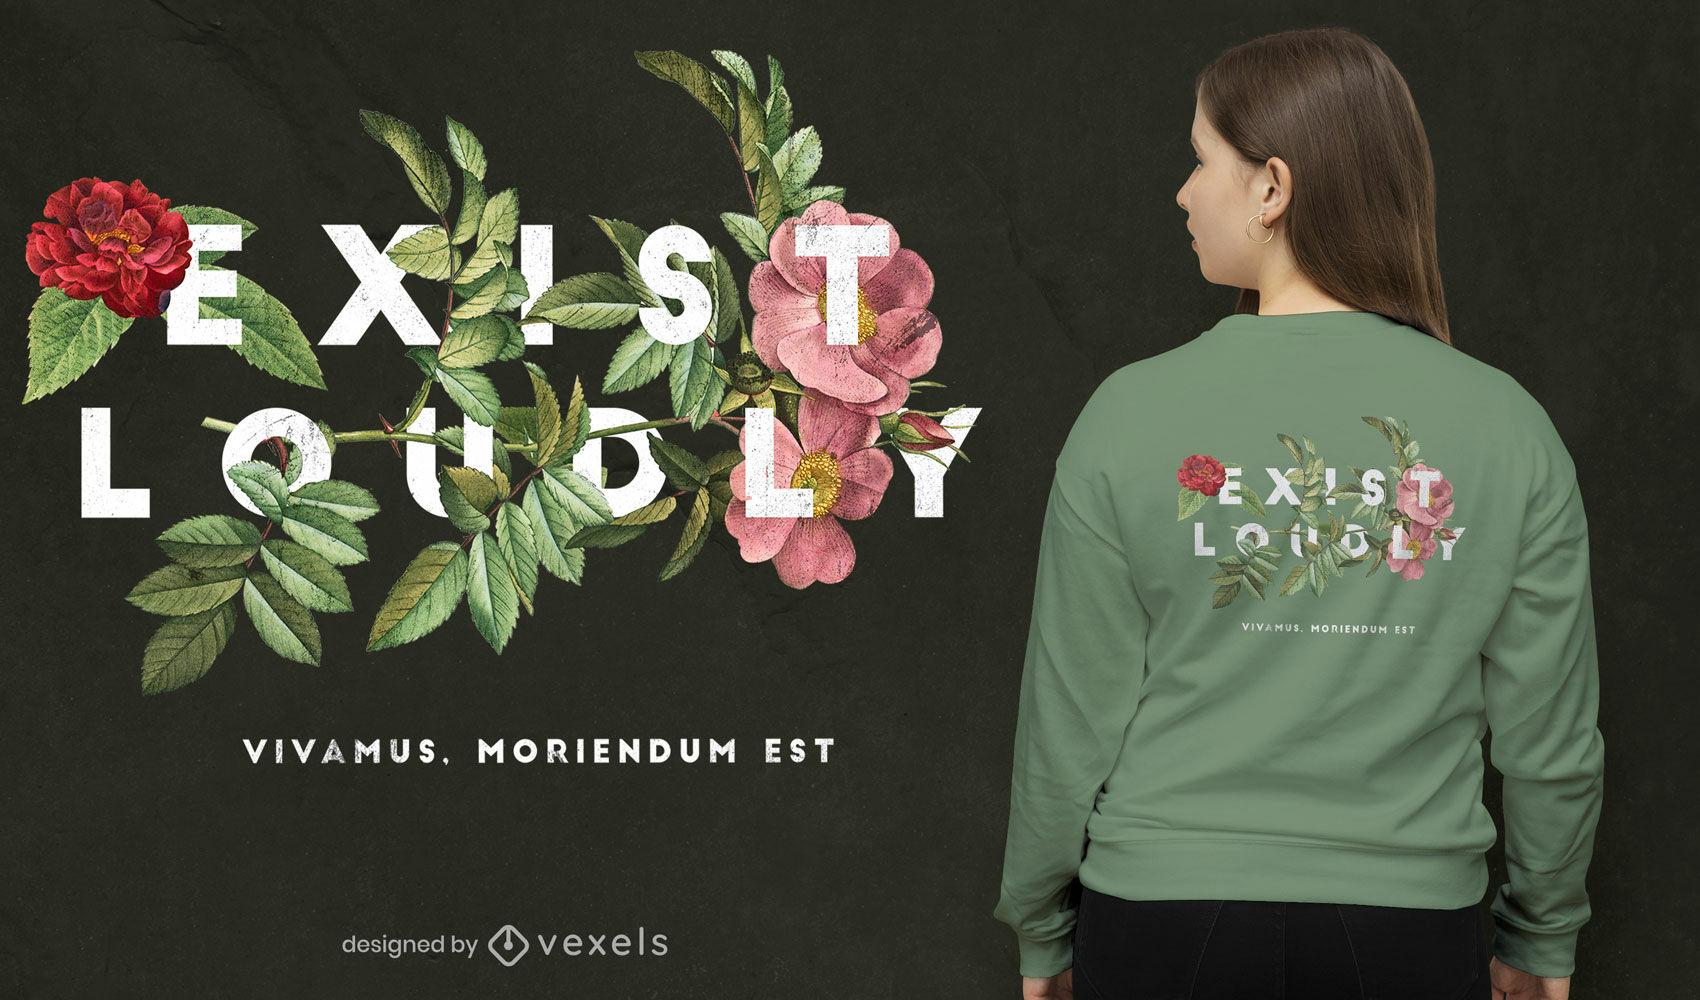 Exista alto flores psd design de t-shirt